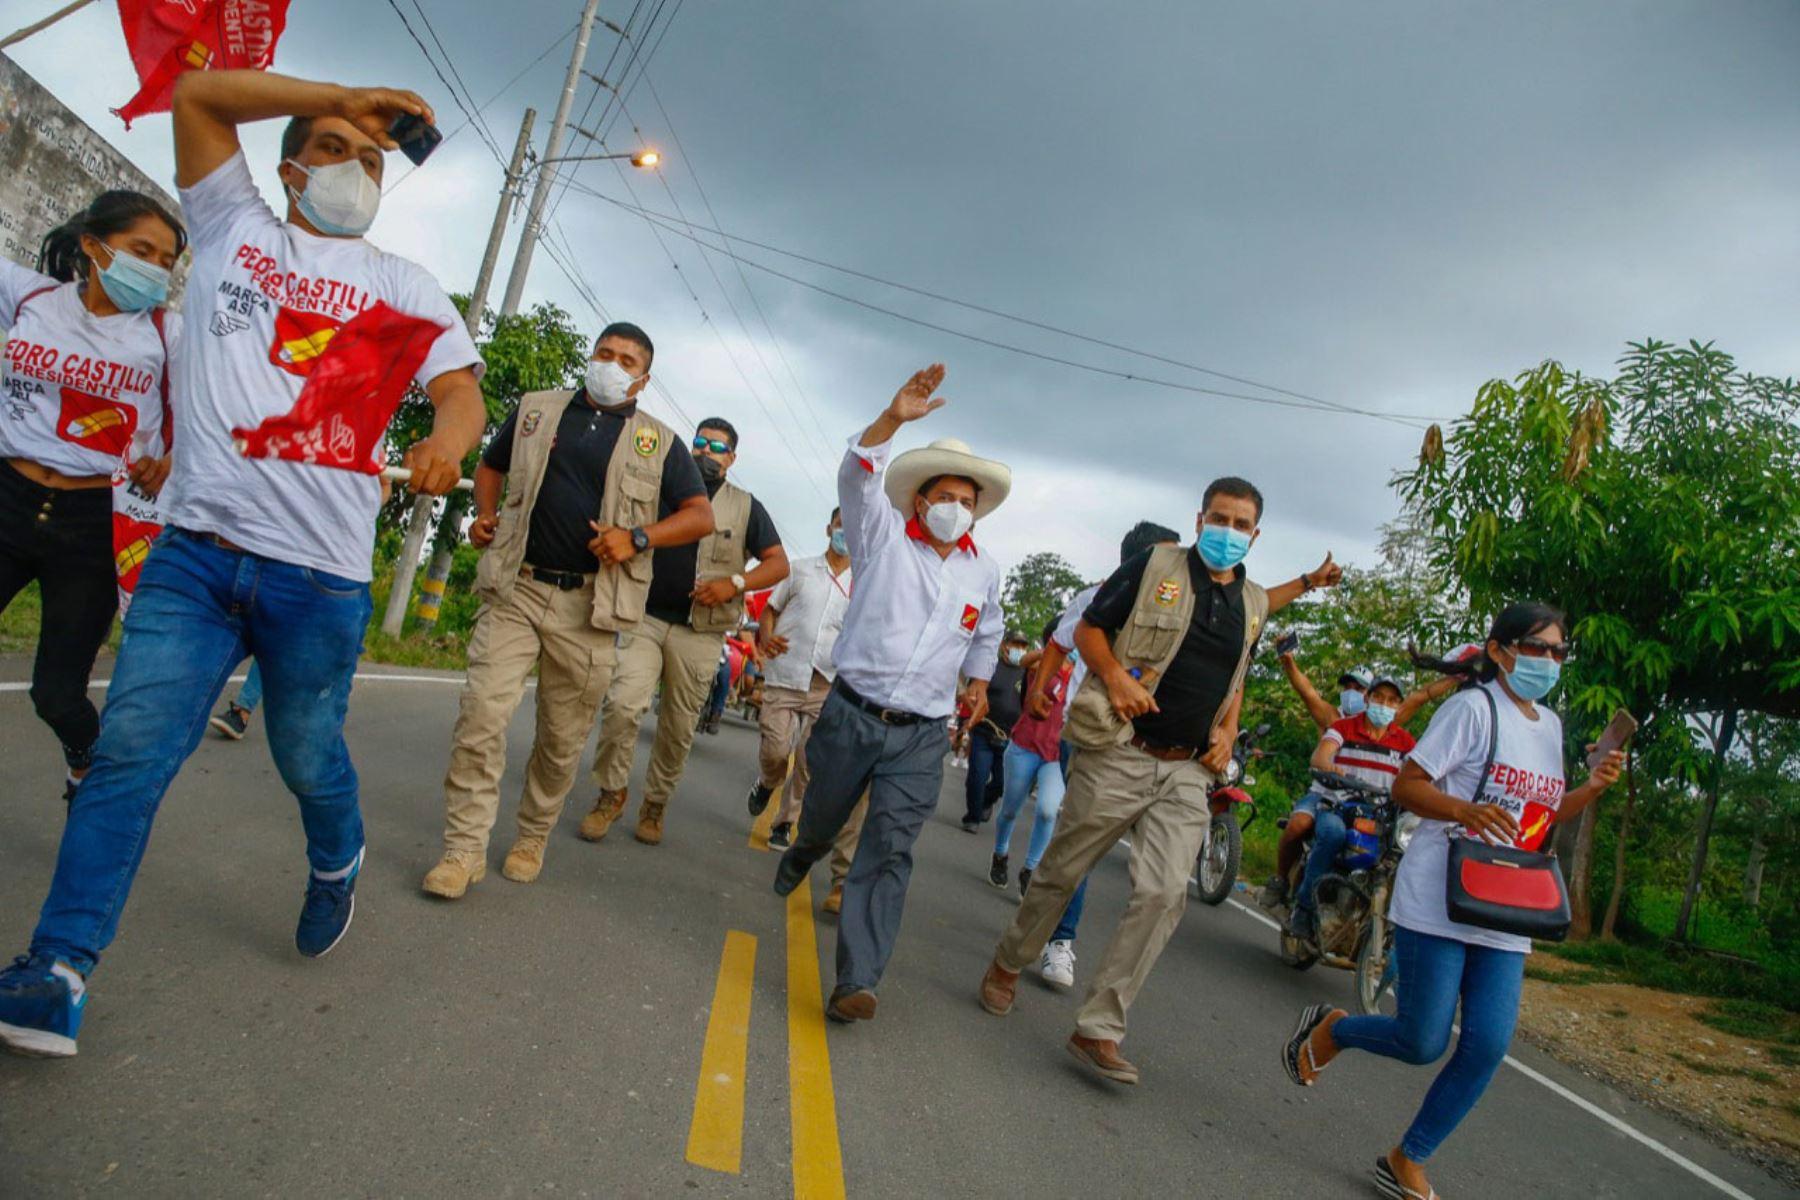 Candidato a la presidencia, Pedro Castillo participa en caravana junto a simpatizantes en la región de Tumbes.  Foto: ANDINA/Andrés Valle